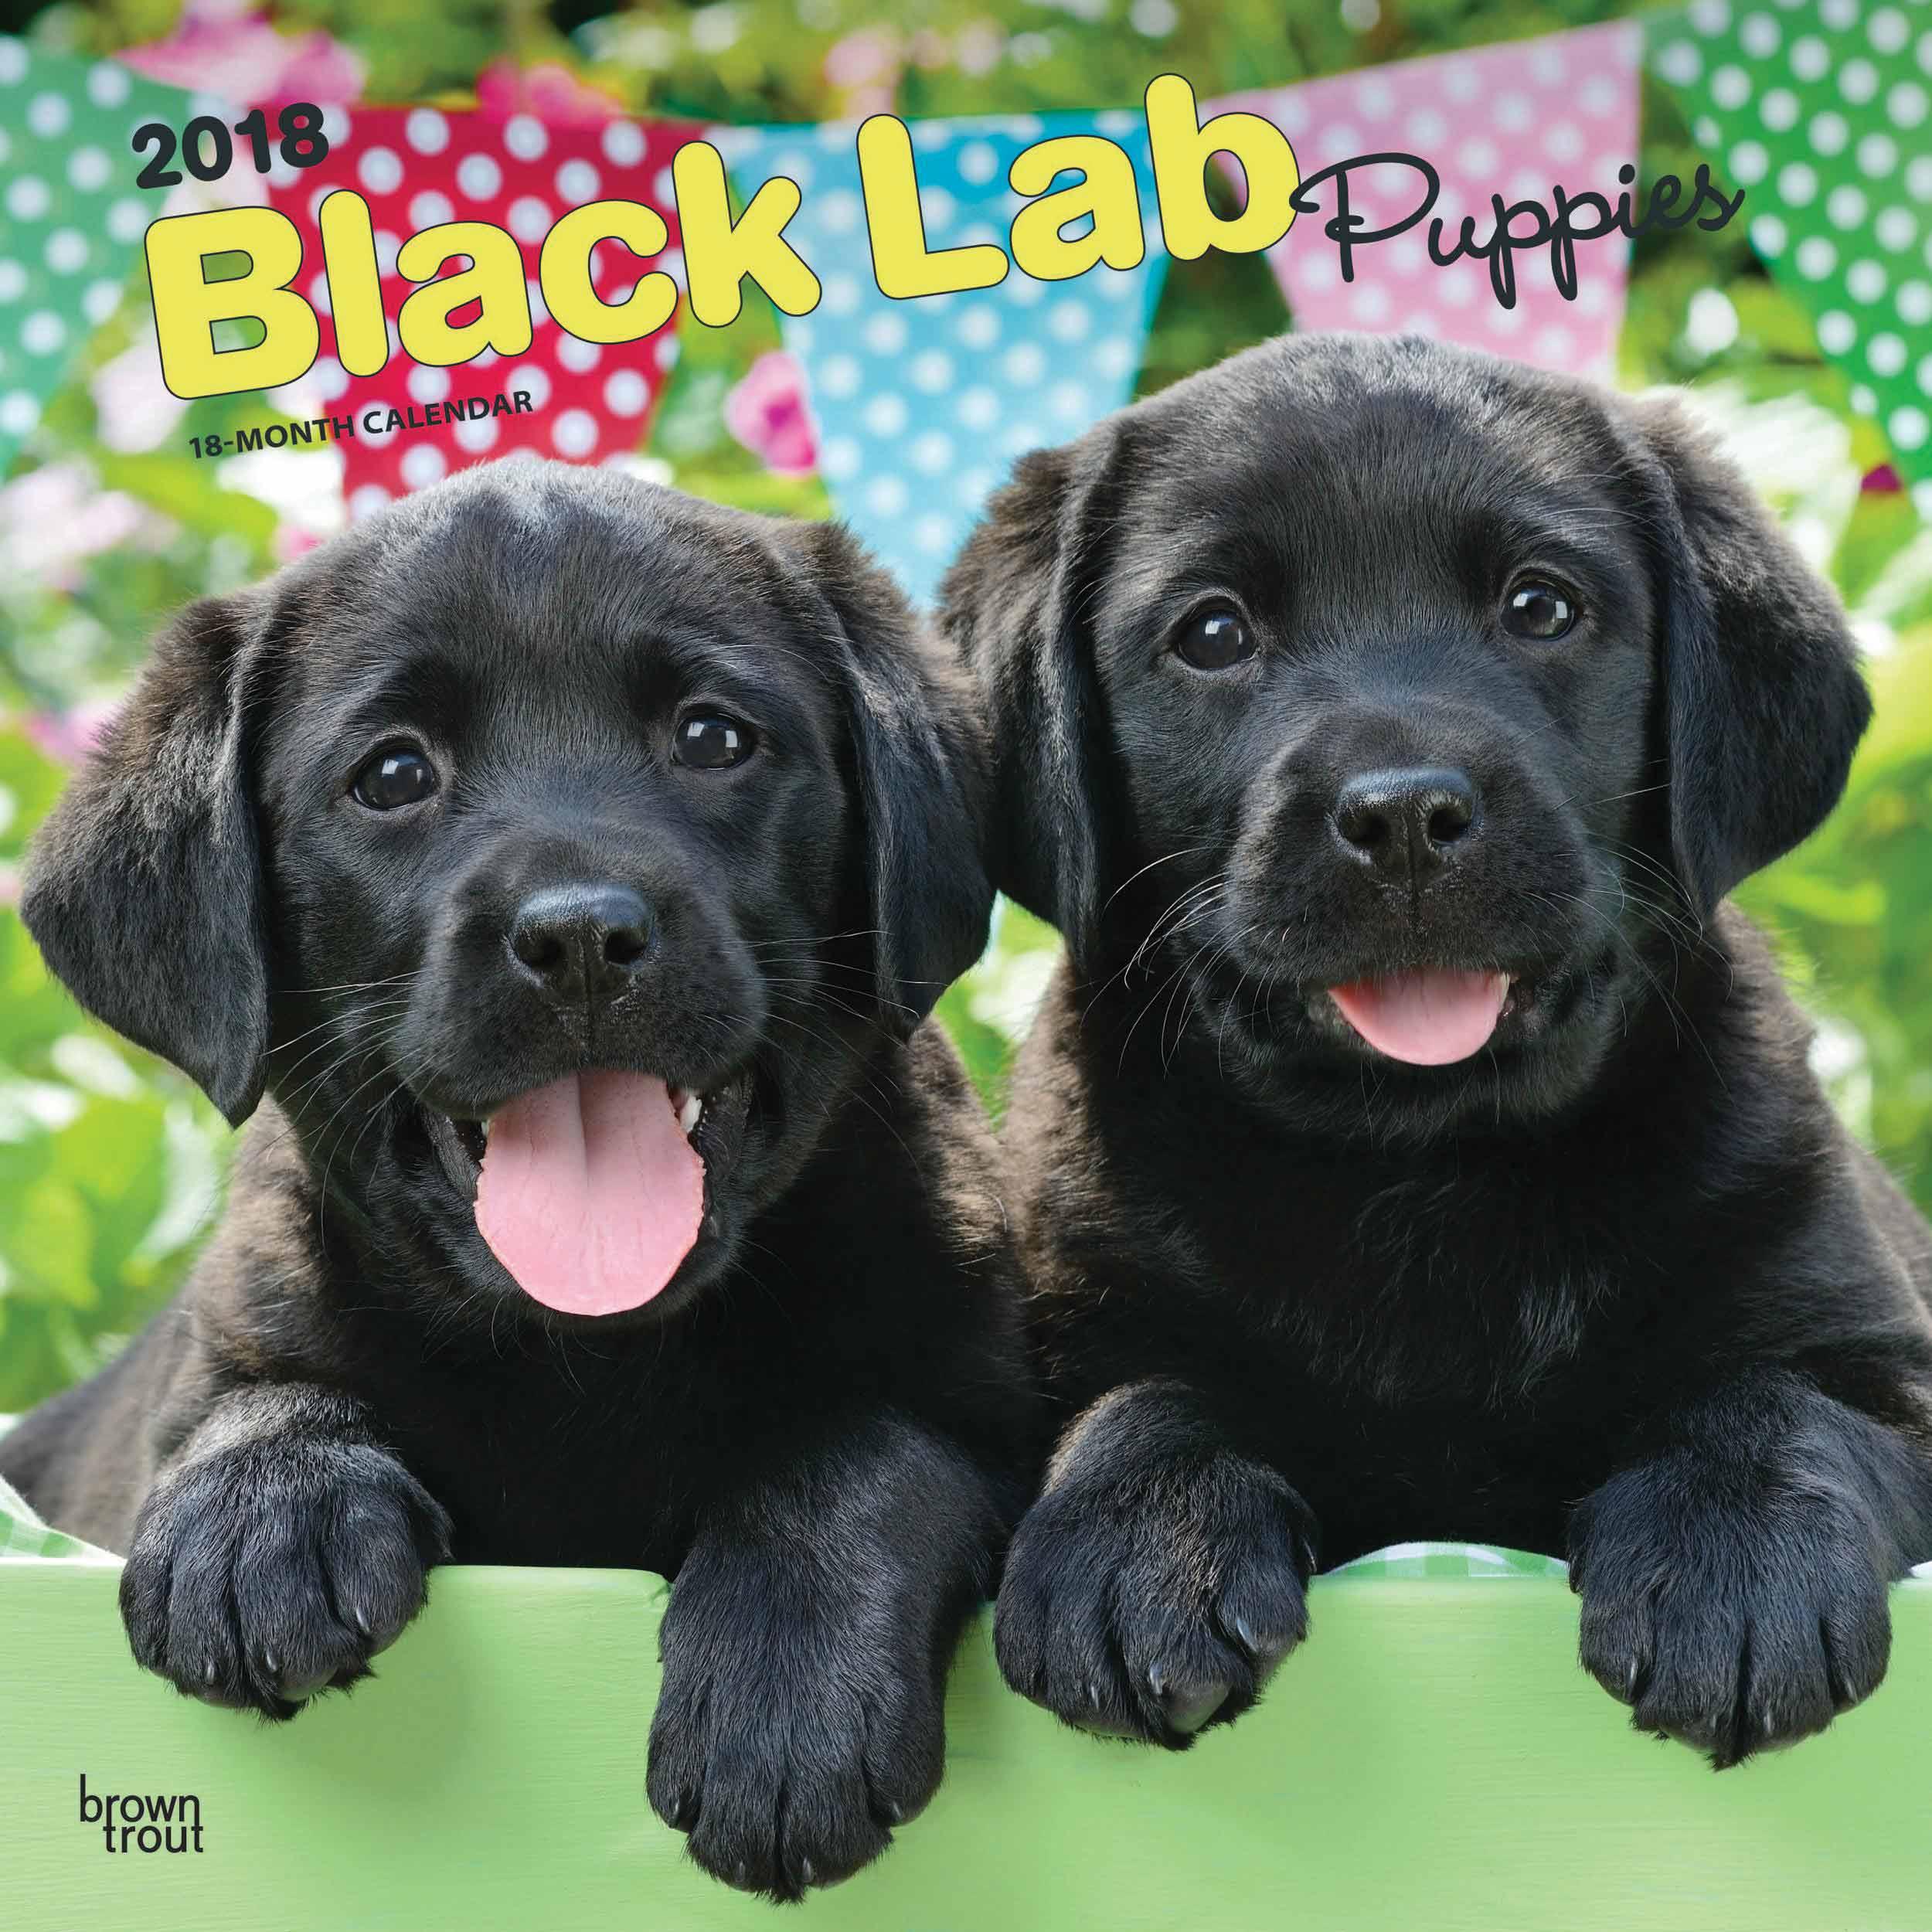 Labrador Retriever Puppies Black Calendar 2018 - Calendar Club UK